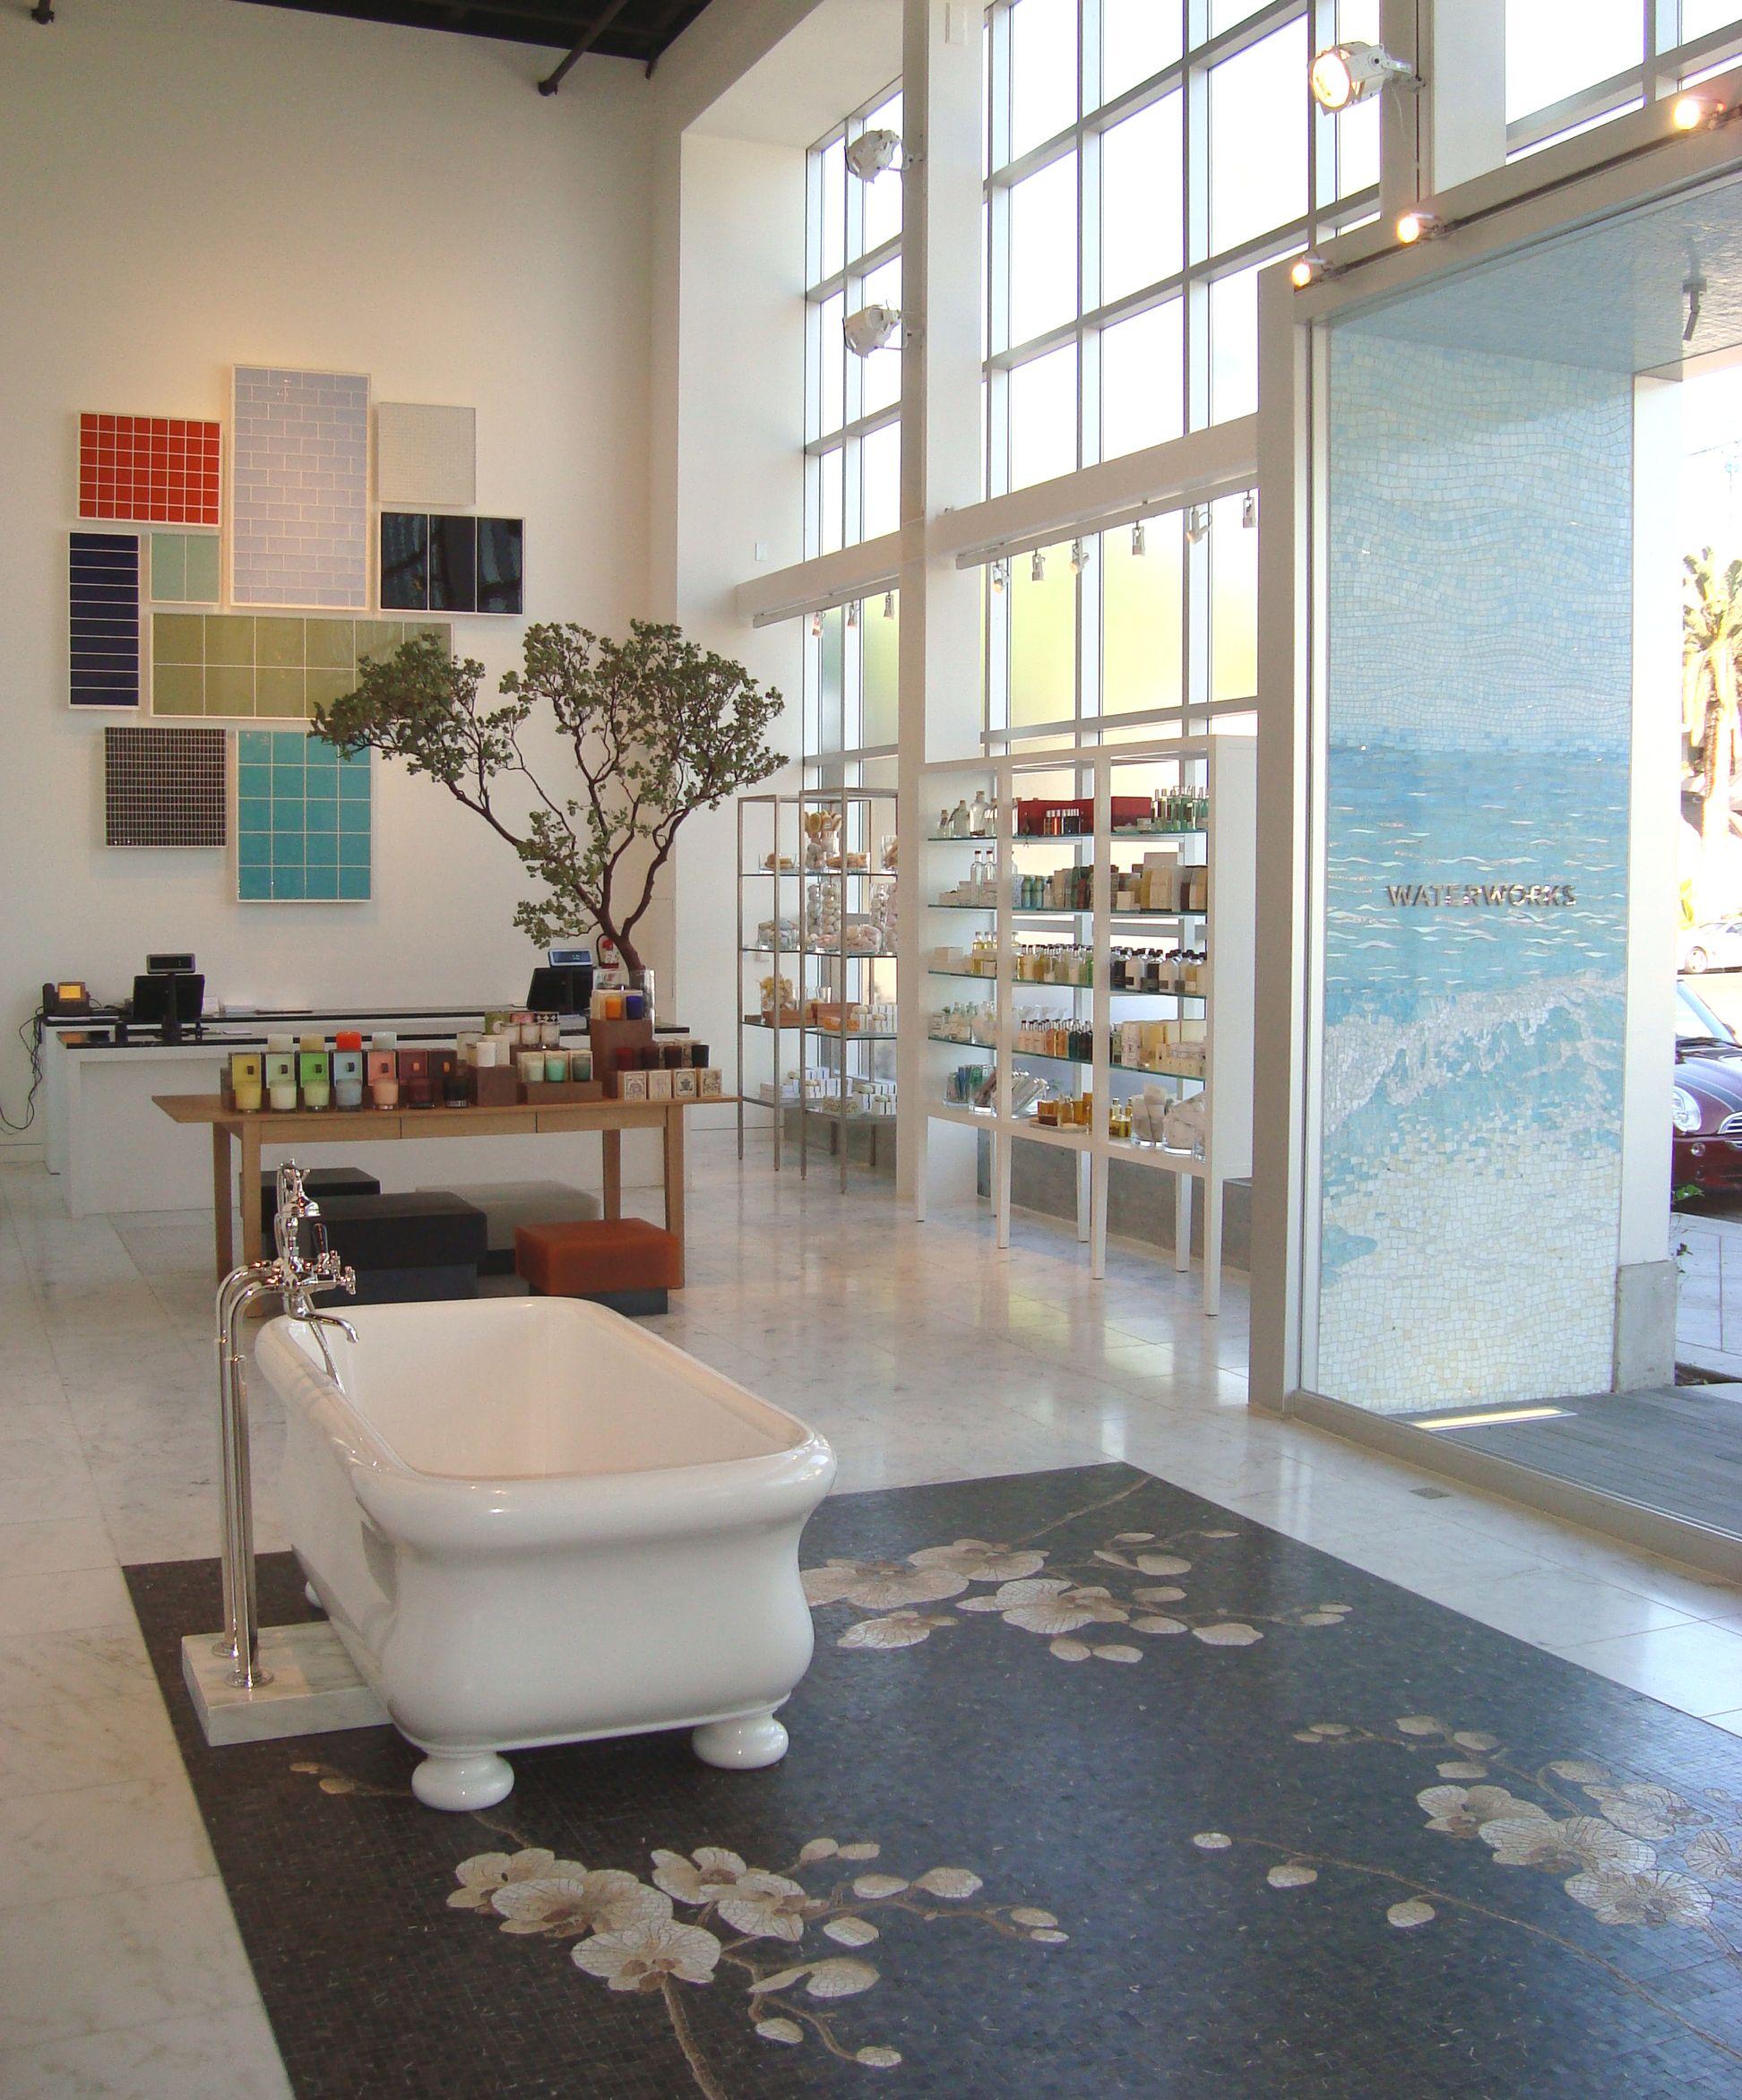 Bathroom Showroom Design Ideas: Waterworks Los Angeles Showroom Display